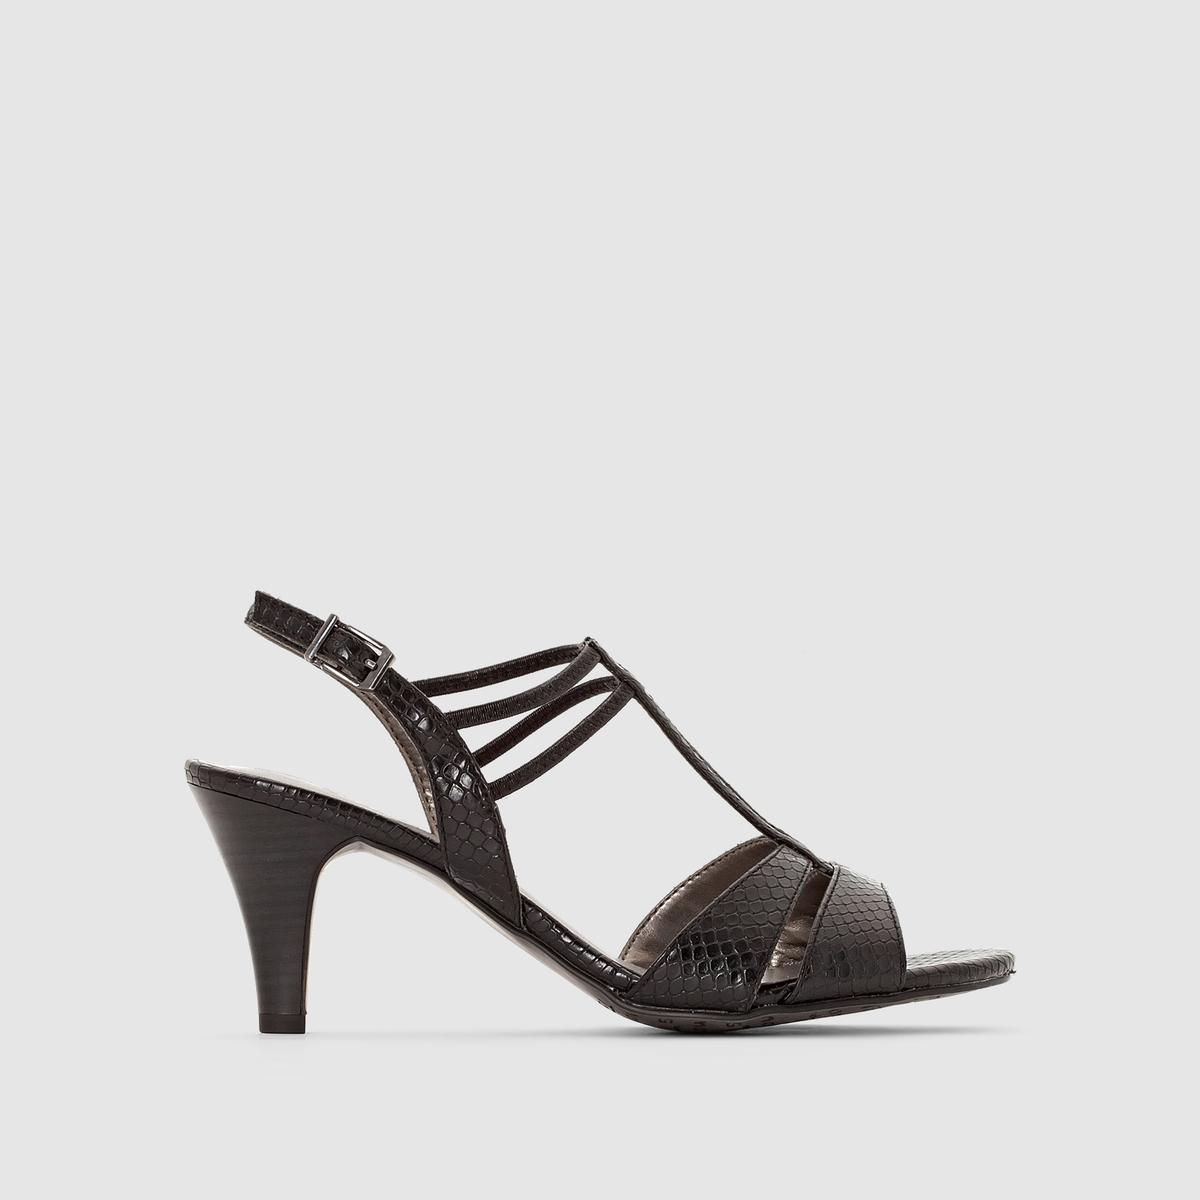 Босоножки на каблукеУльтраженственные босоножки на каблуке с тонкими двойными ремешками и застежкой на щиколотке: стиль и гламурность в любых обстоятельствах.<br><br>Цвет: черный<br>Размер: 41.37.38